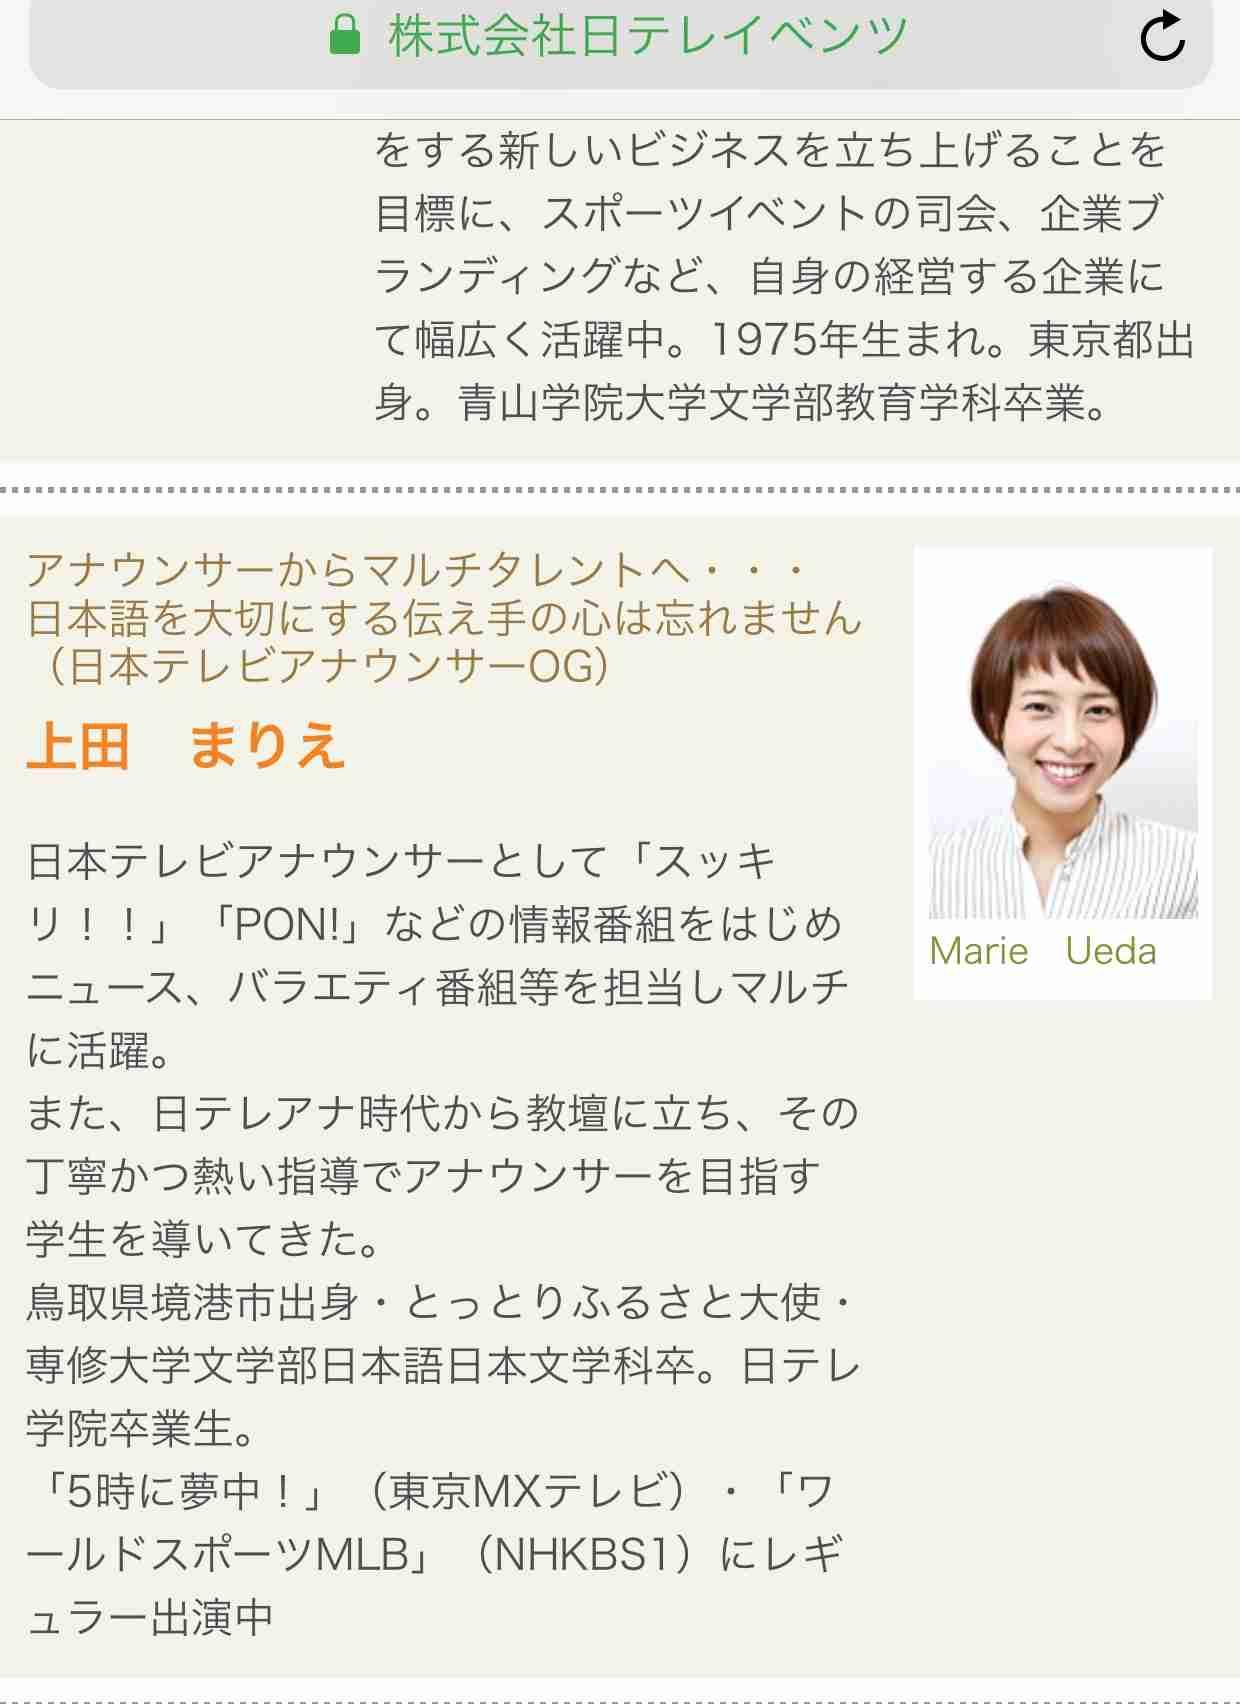 上田まりえが不安定すぎる?「泣きながら彷徨い」「仕事も学校も苦しい。全部から逃げたい」5月から悩み